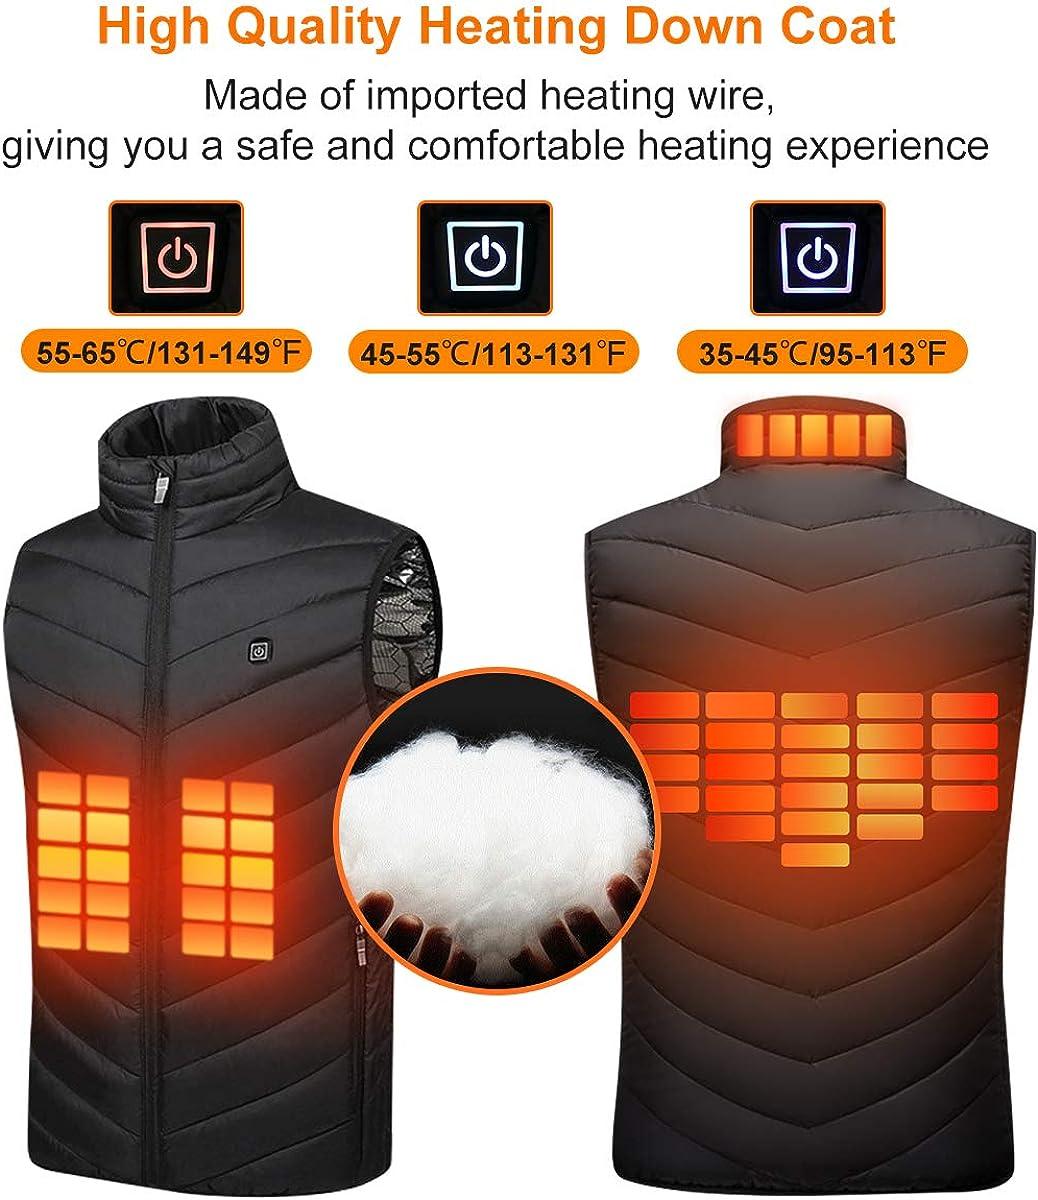 Caccia,-Lavabile Giacca a Collo Alto con Temperatura Regolabile per Moto Suxman Gilet Riscaldato USB Giubbotto Riscaldato Elettrico per Uomo Donna Allaperto Lavoro